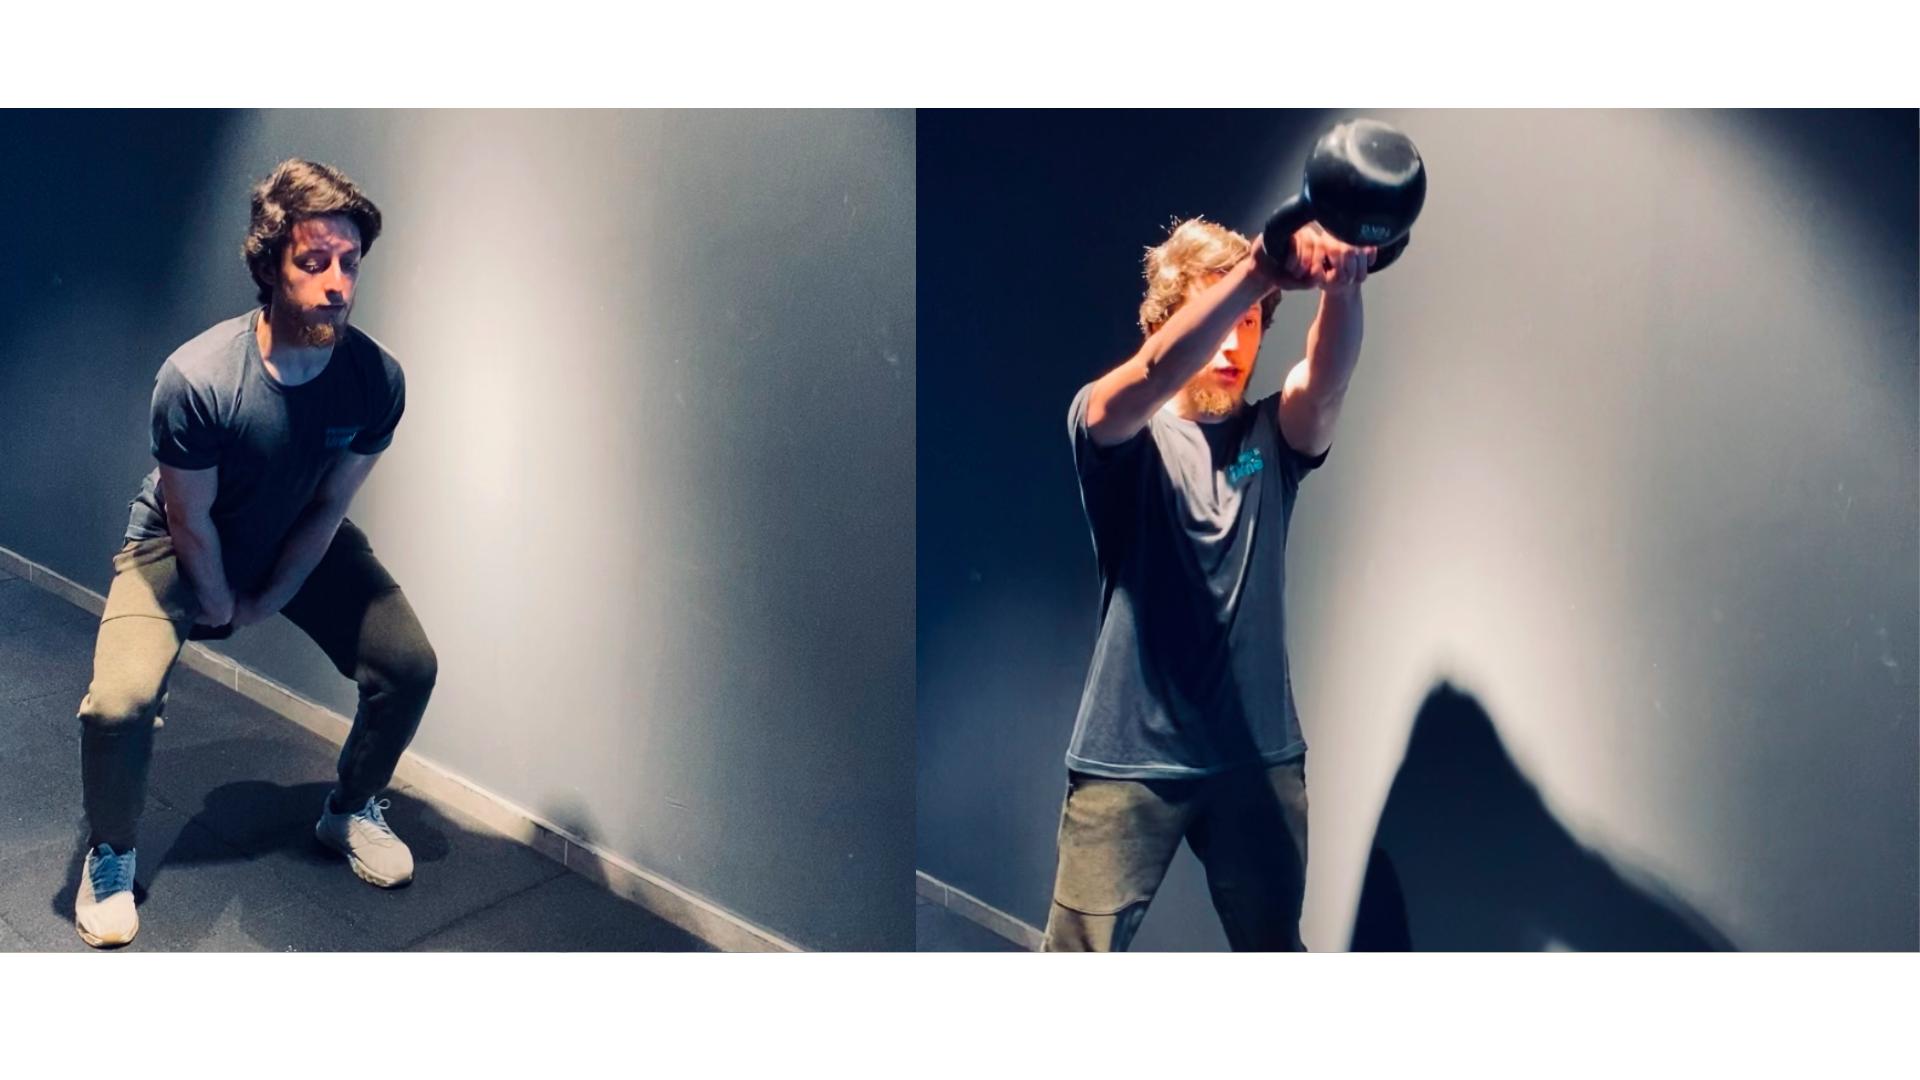 Kettlebell swing hareketinin yapılış görseli.